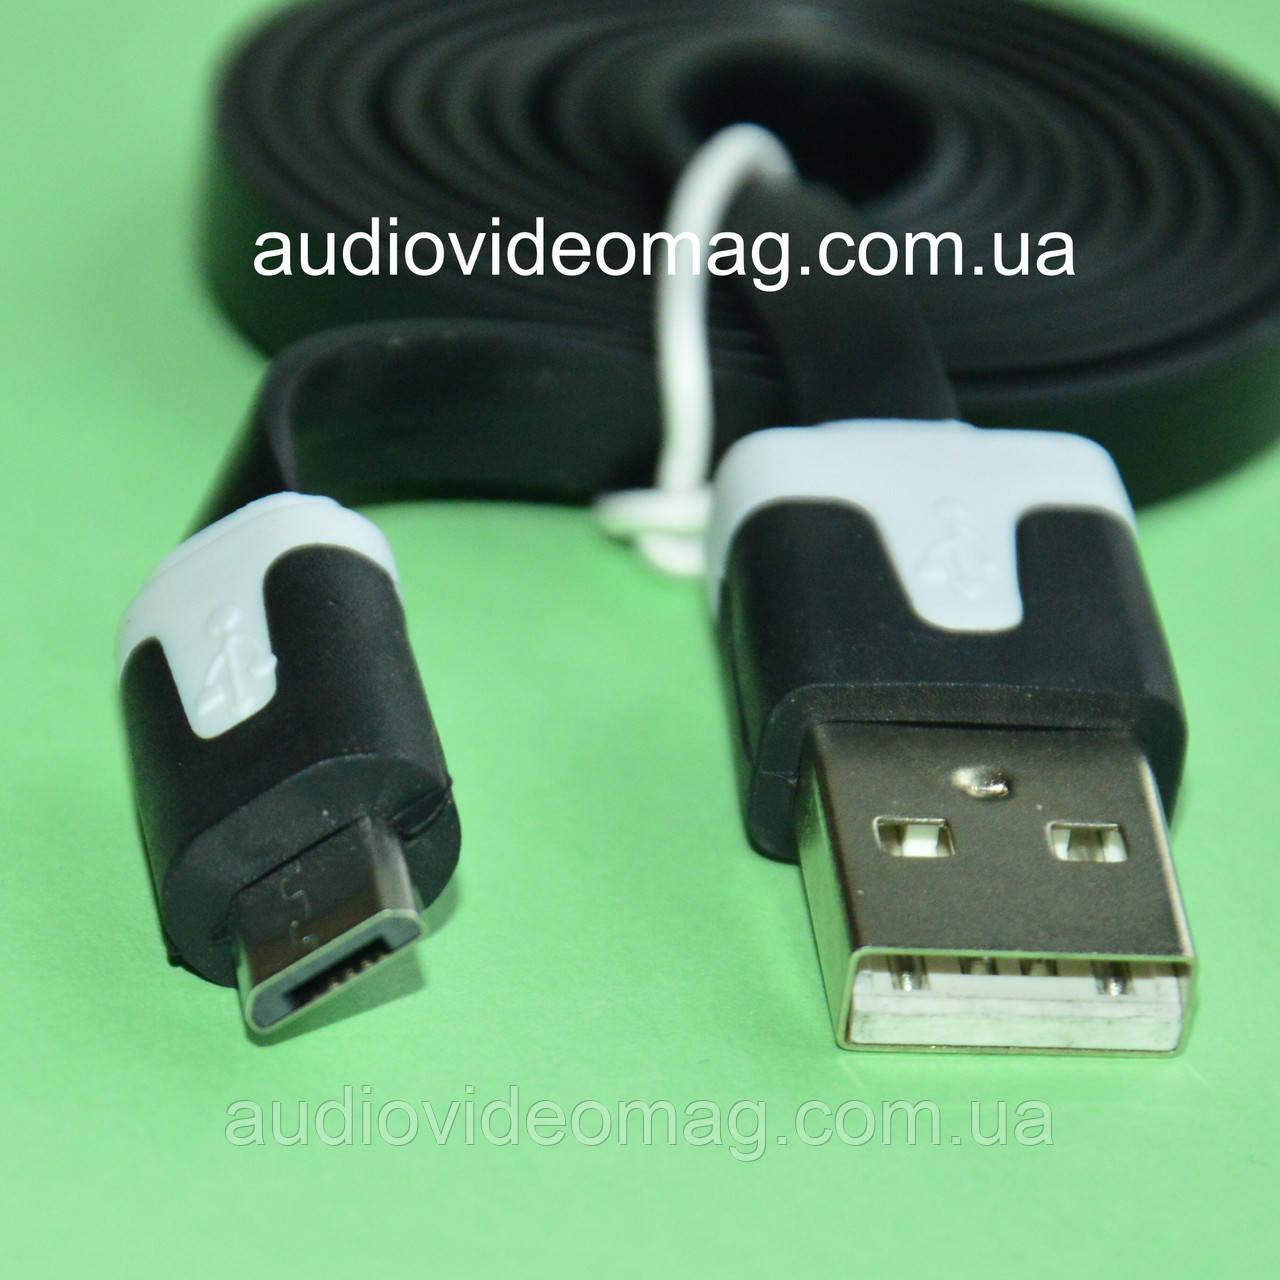 Кабель USB - microUSB плоский, довжина 1 м, колір чорний